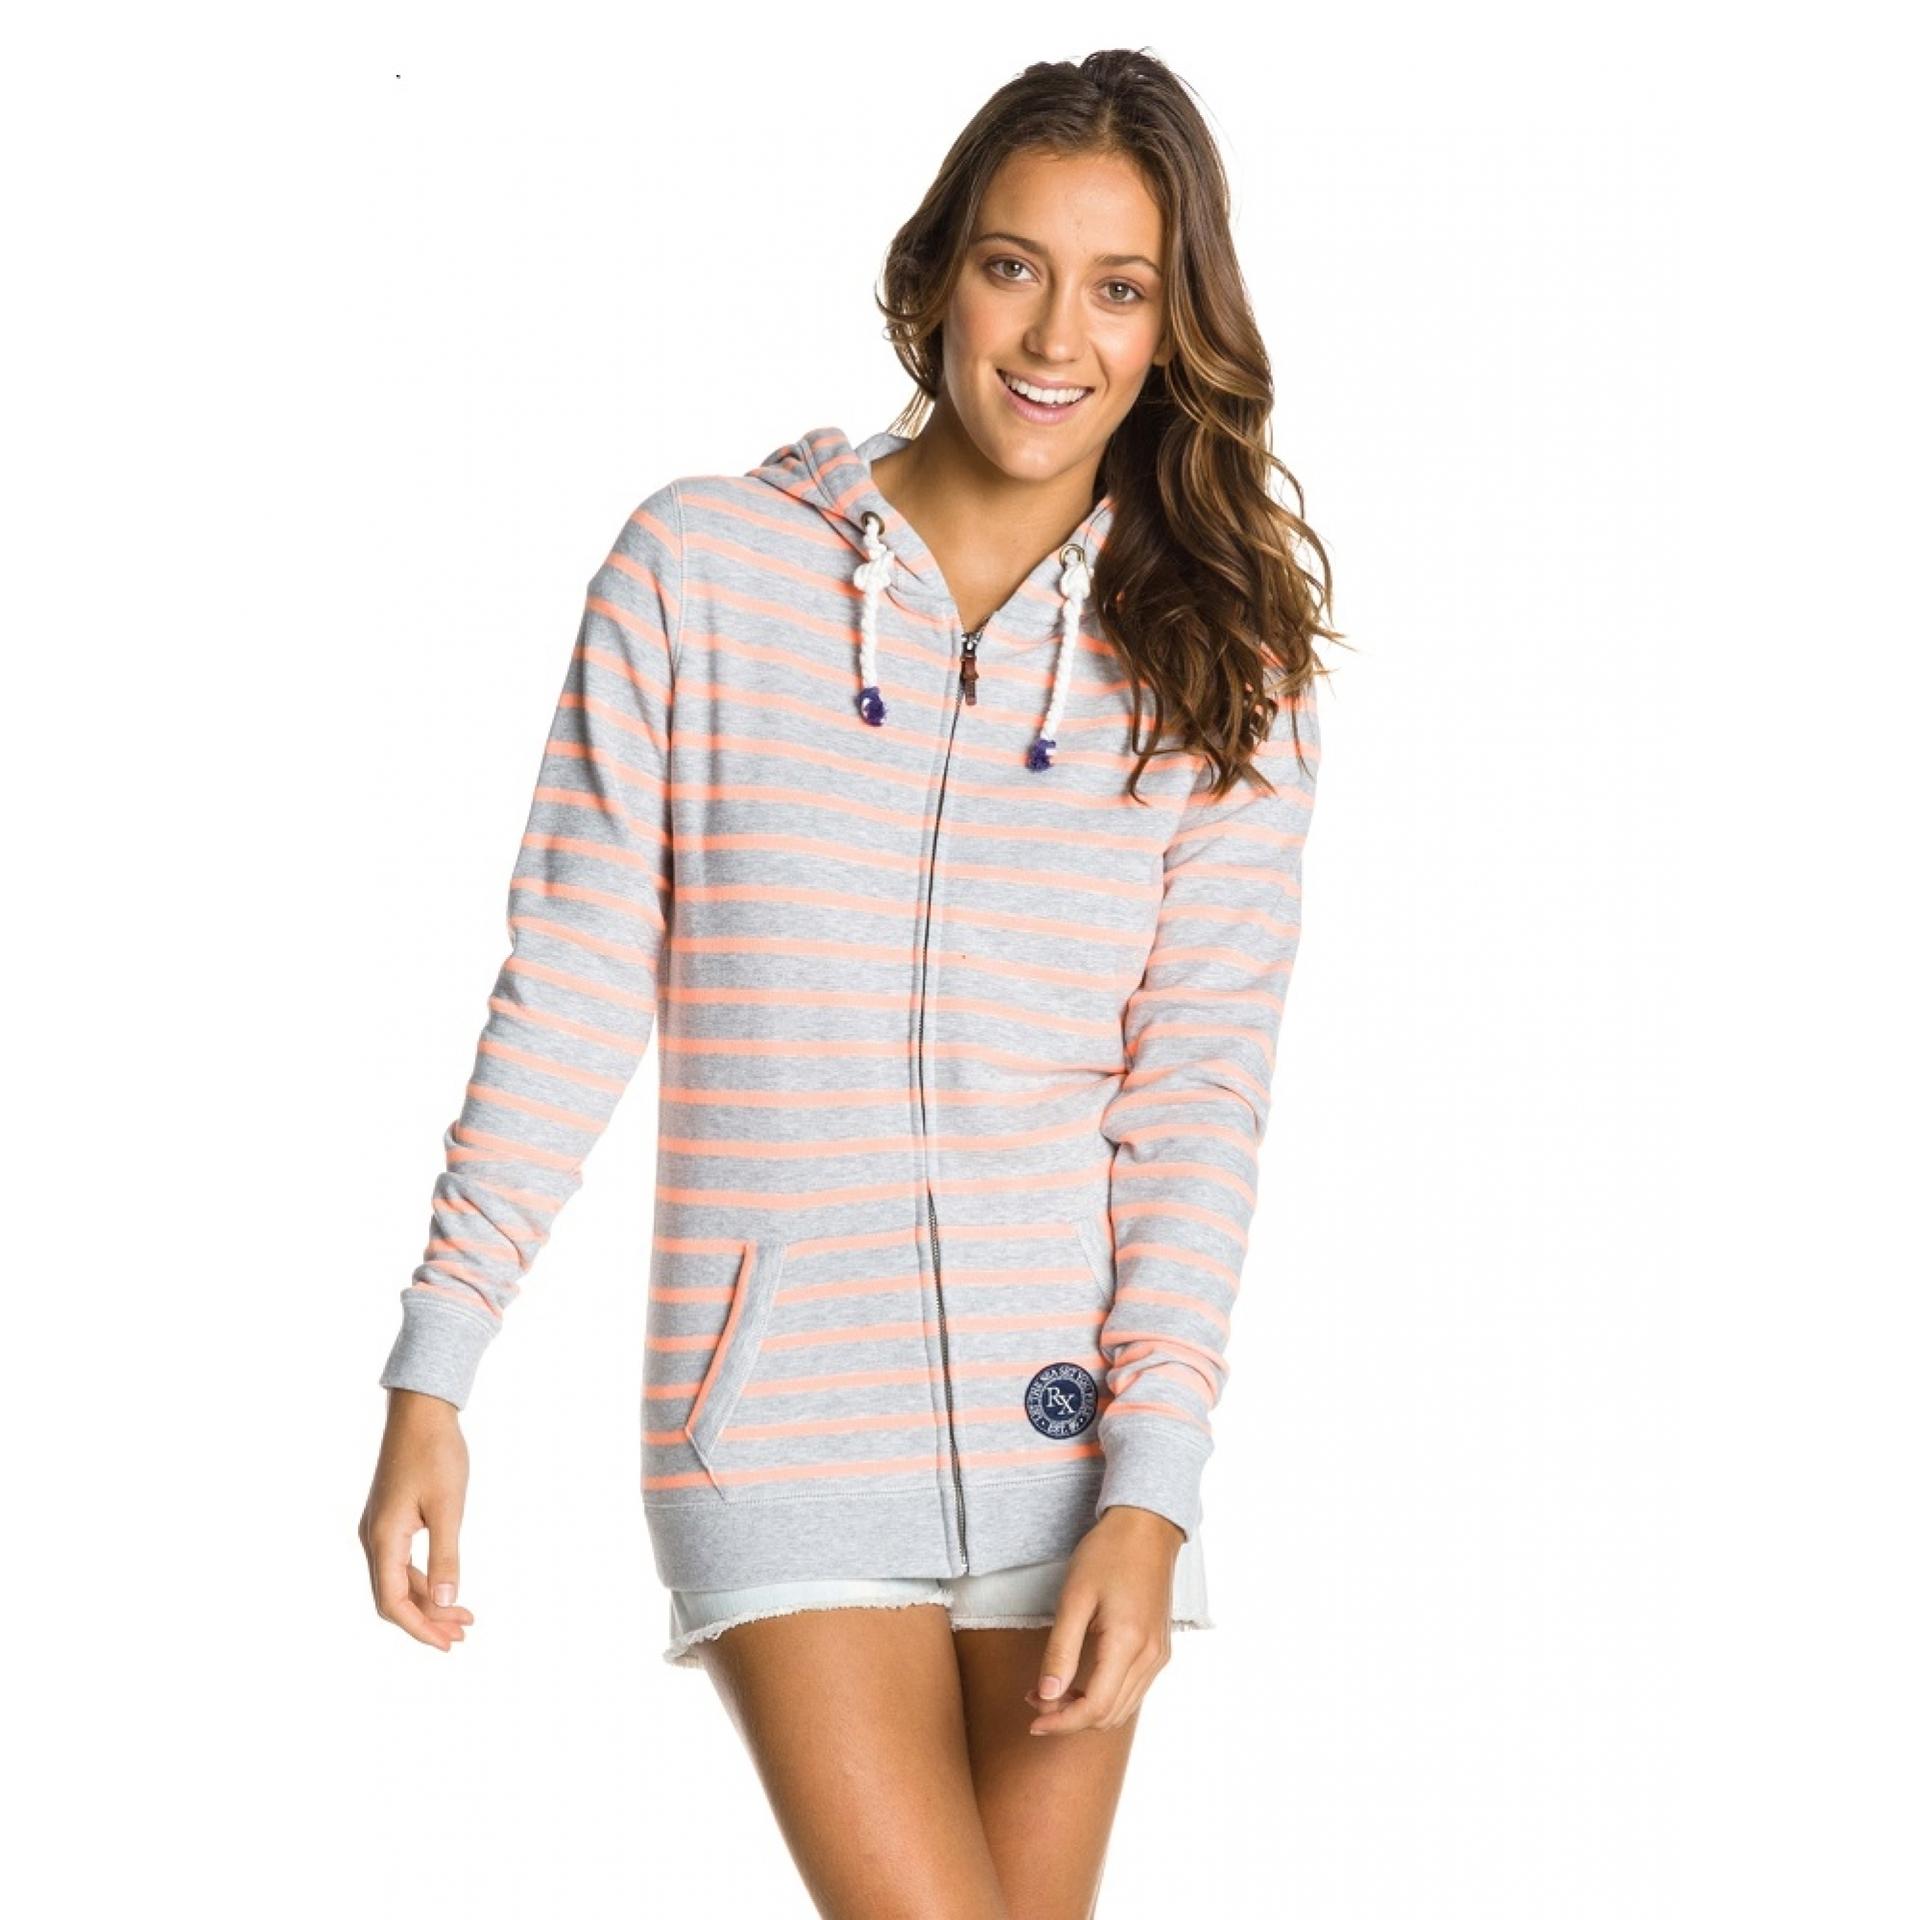 Bluza Roxy French Bay szaro różowa